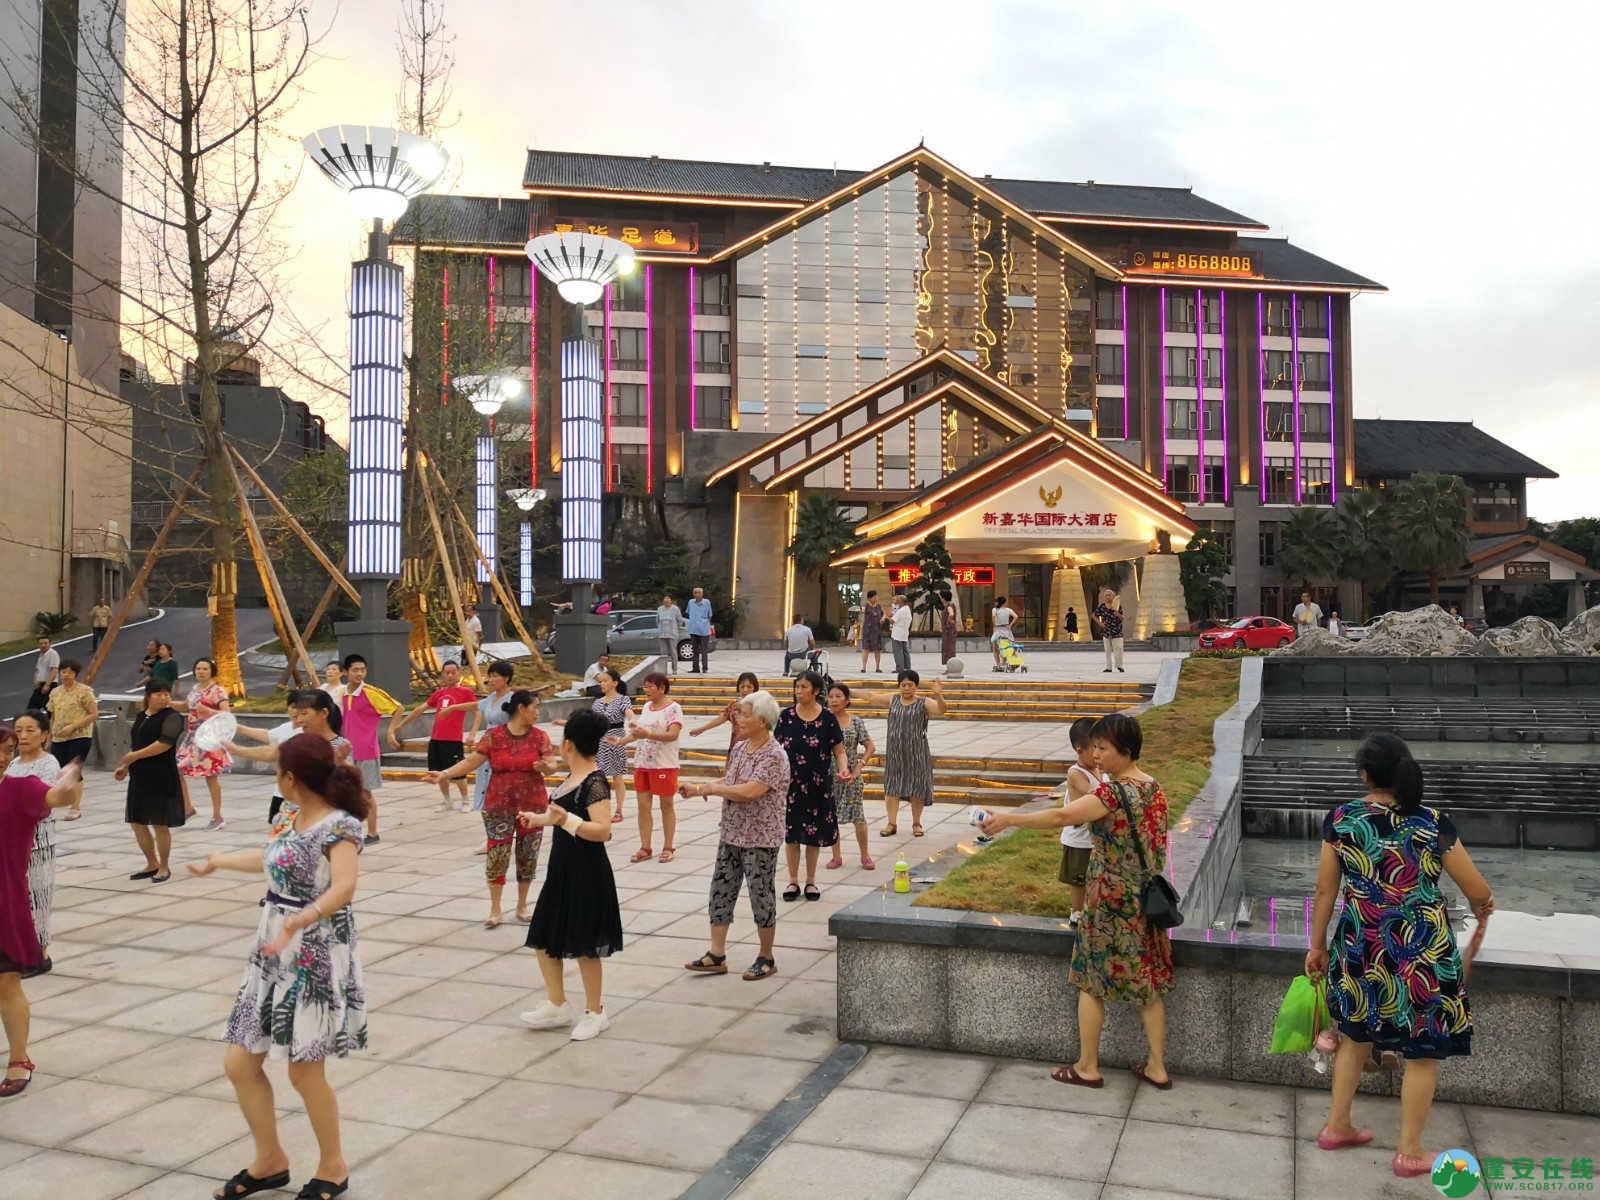 蓬安嘉陵第一桑梓棉麻路新城新貌 - 第10张  | 蓬安在线